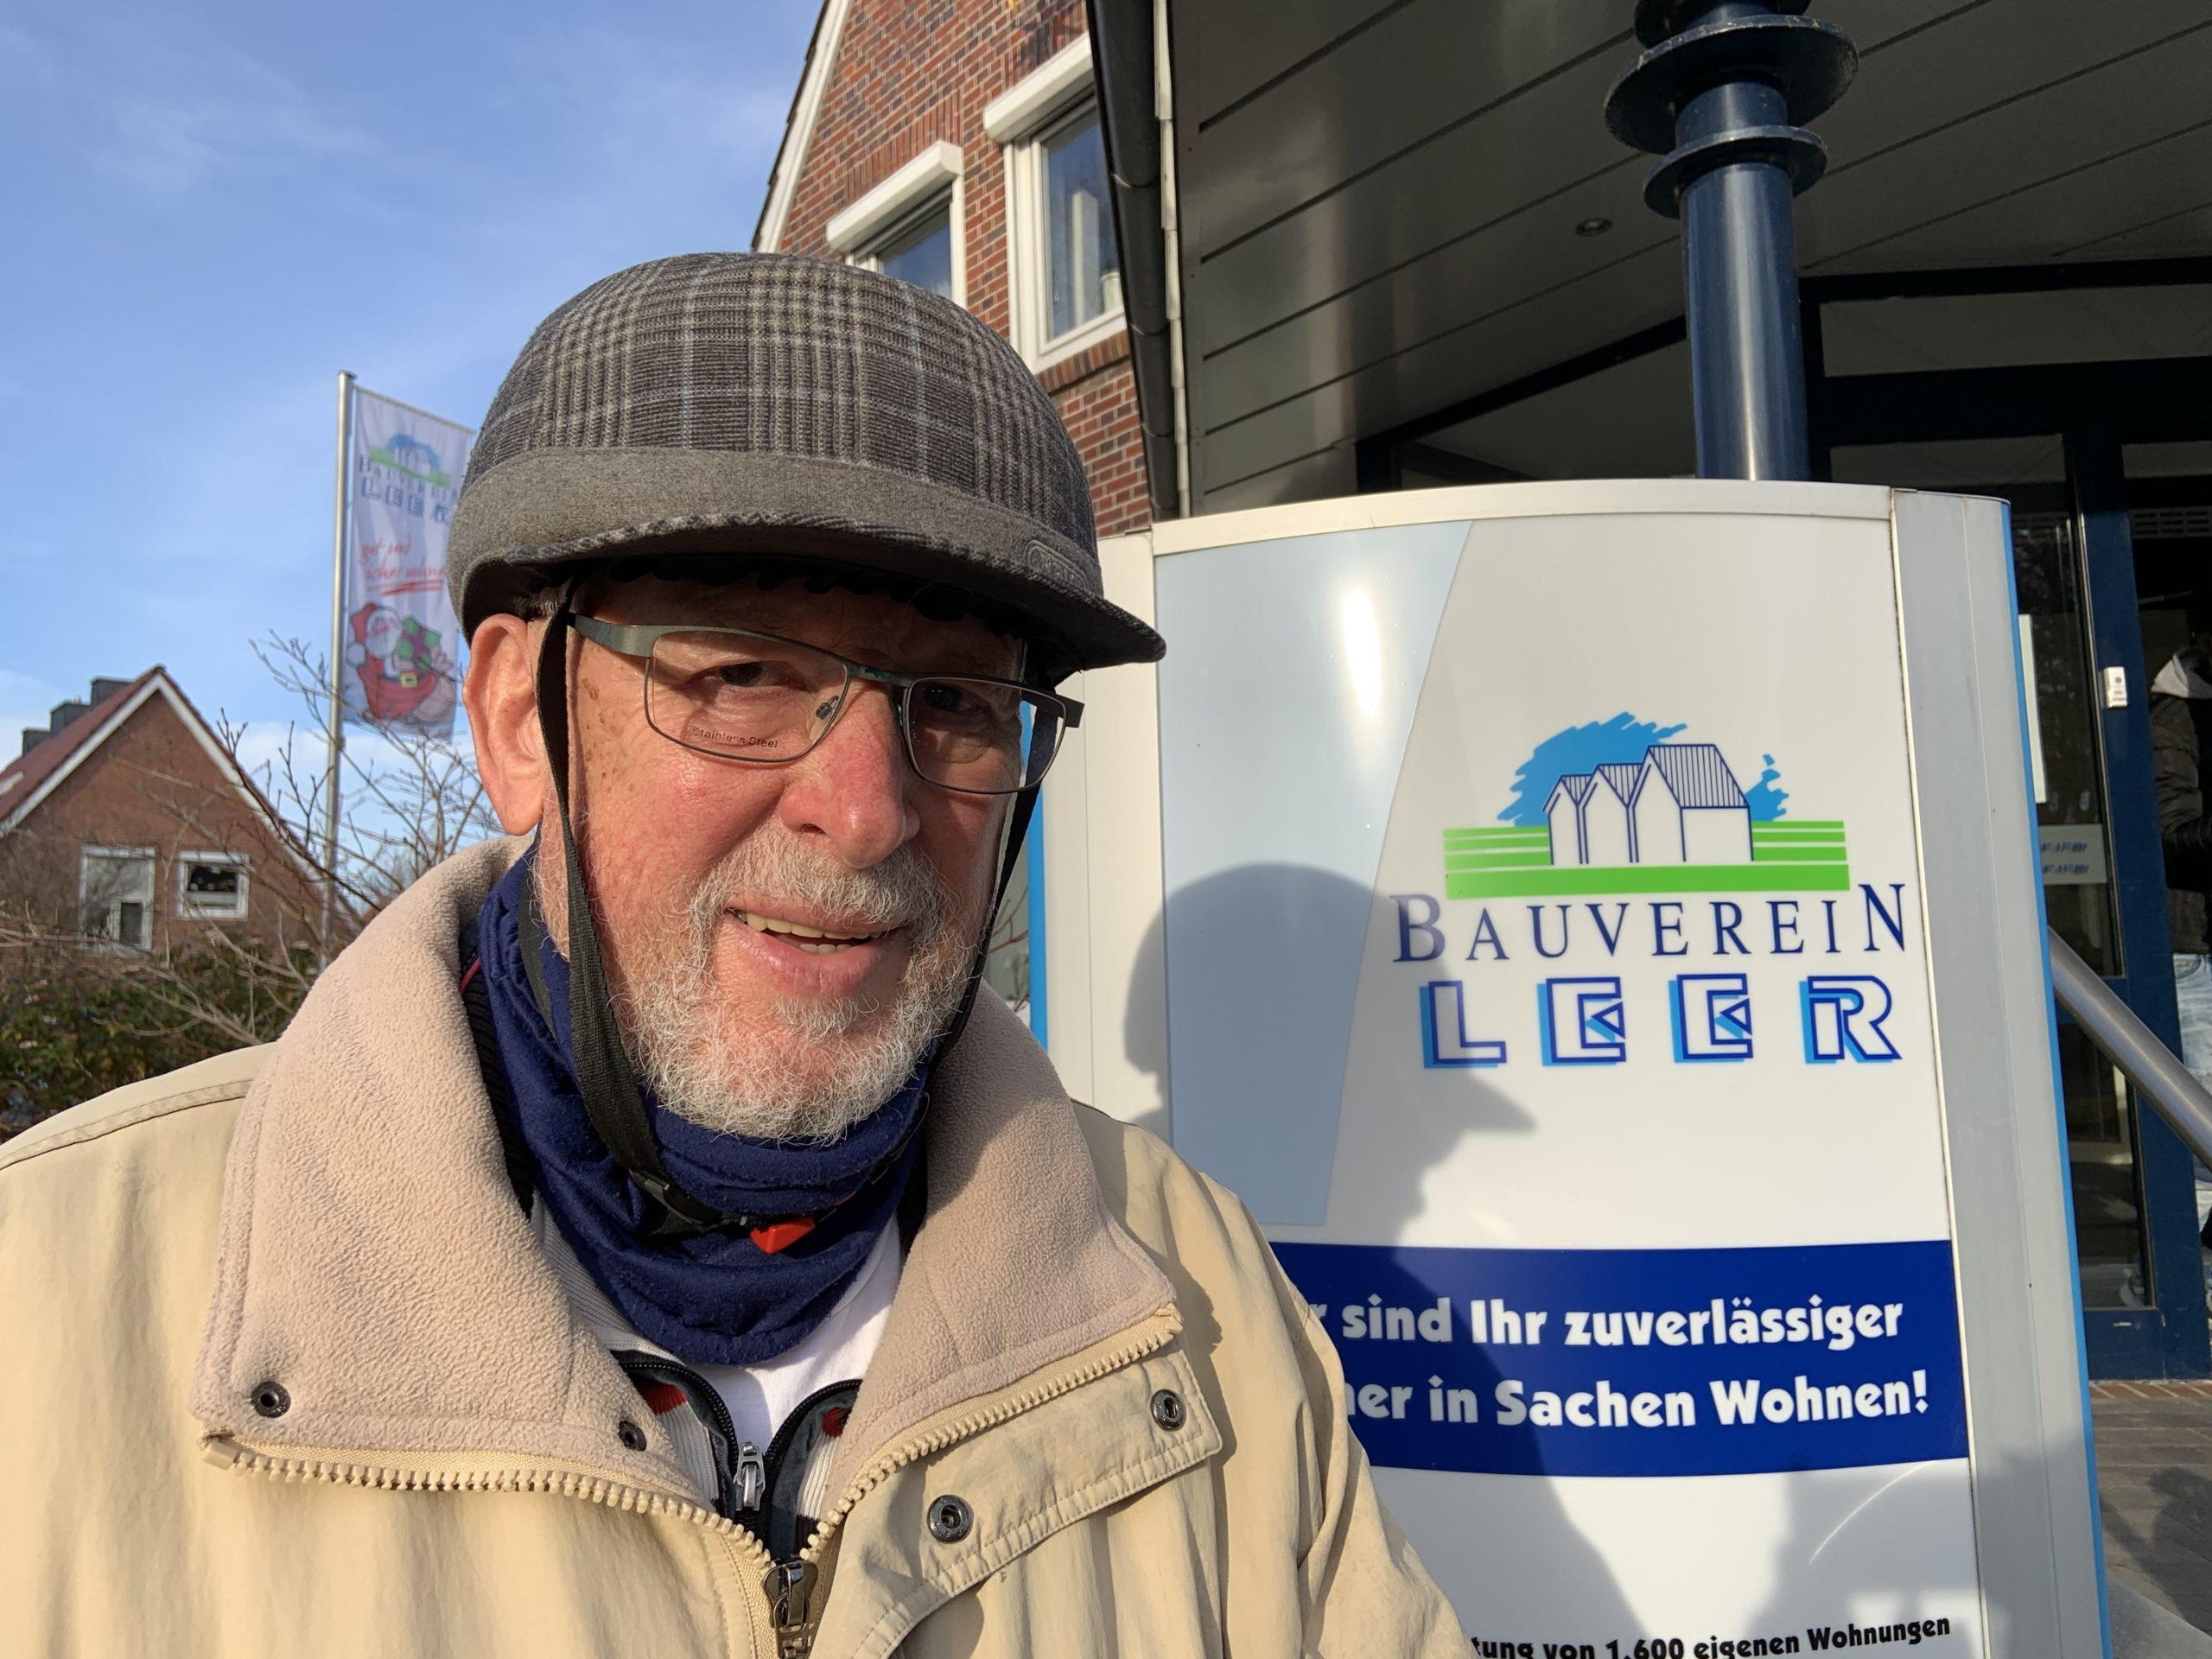 Ablesung 2020: Herr Wasserberg unterwegs für den Bauverein